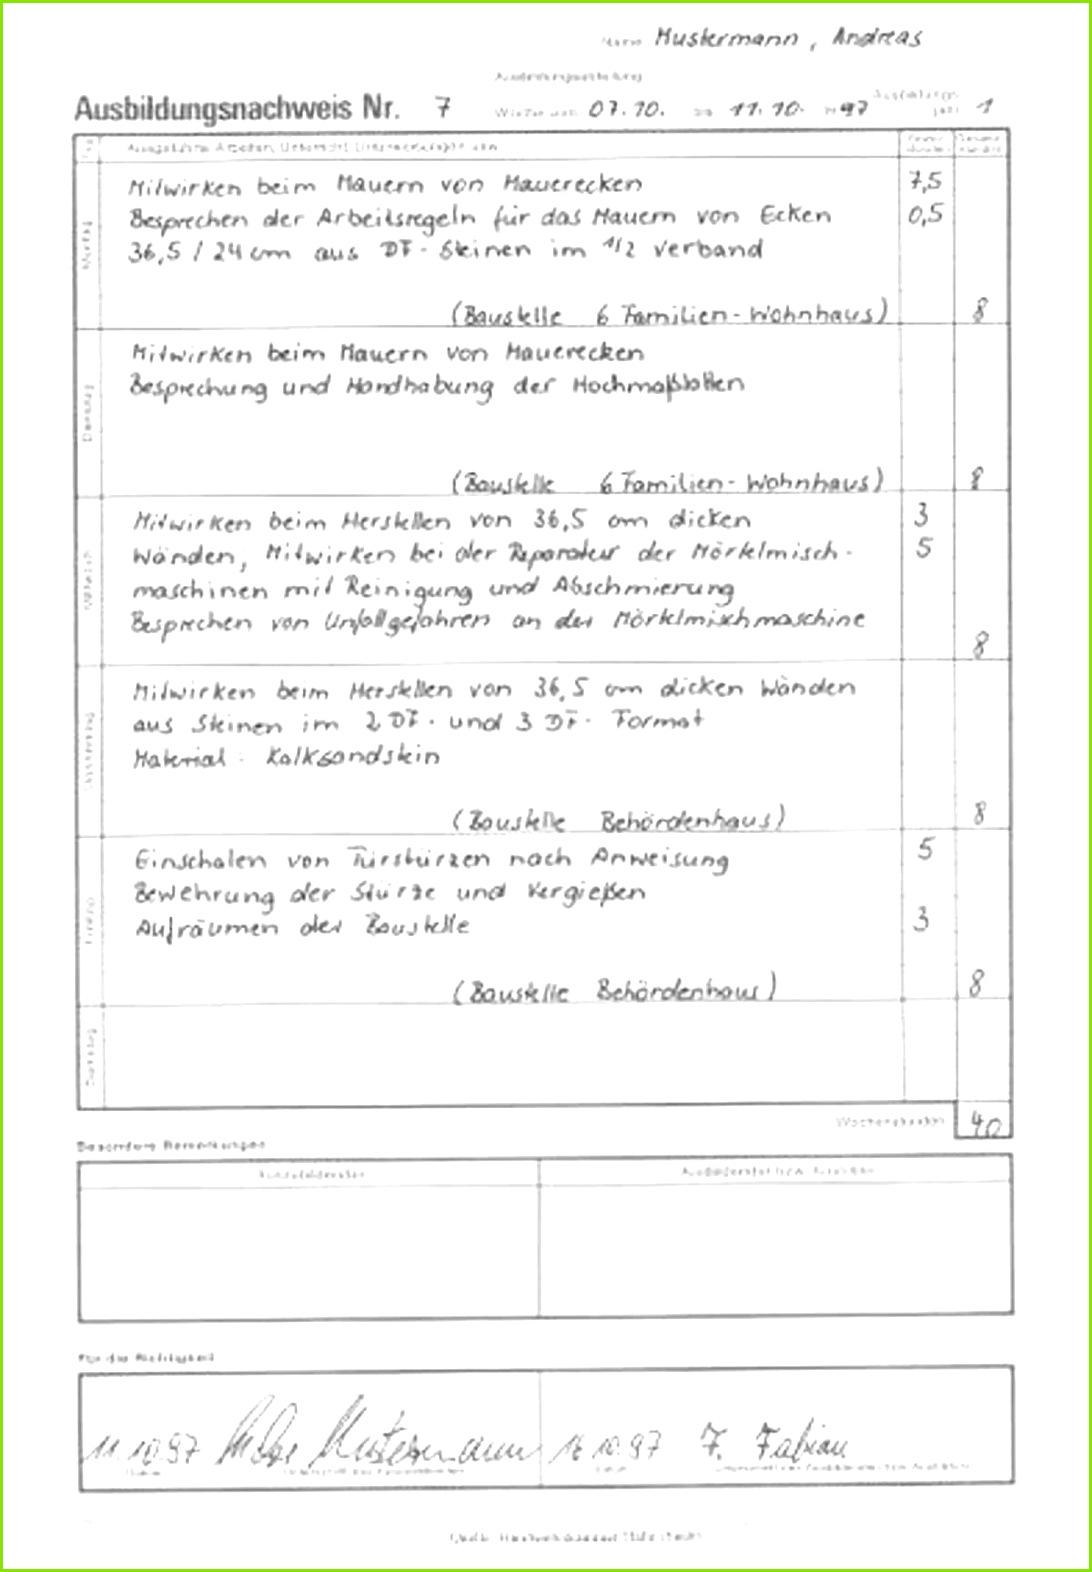 Ausbildungsnachweisen Berichtsheft Ihk Berichtsheft Vorlage Schön Beispiel Fr Einen Betrieblichen Auftrag Inkl Musterantrag Ihk Kassel